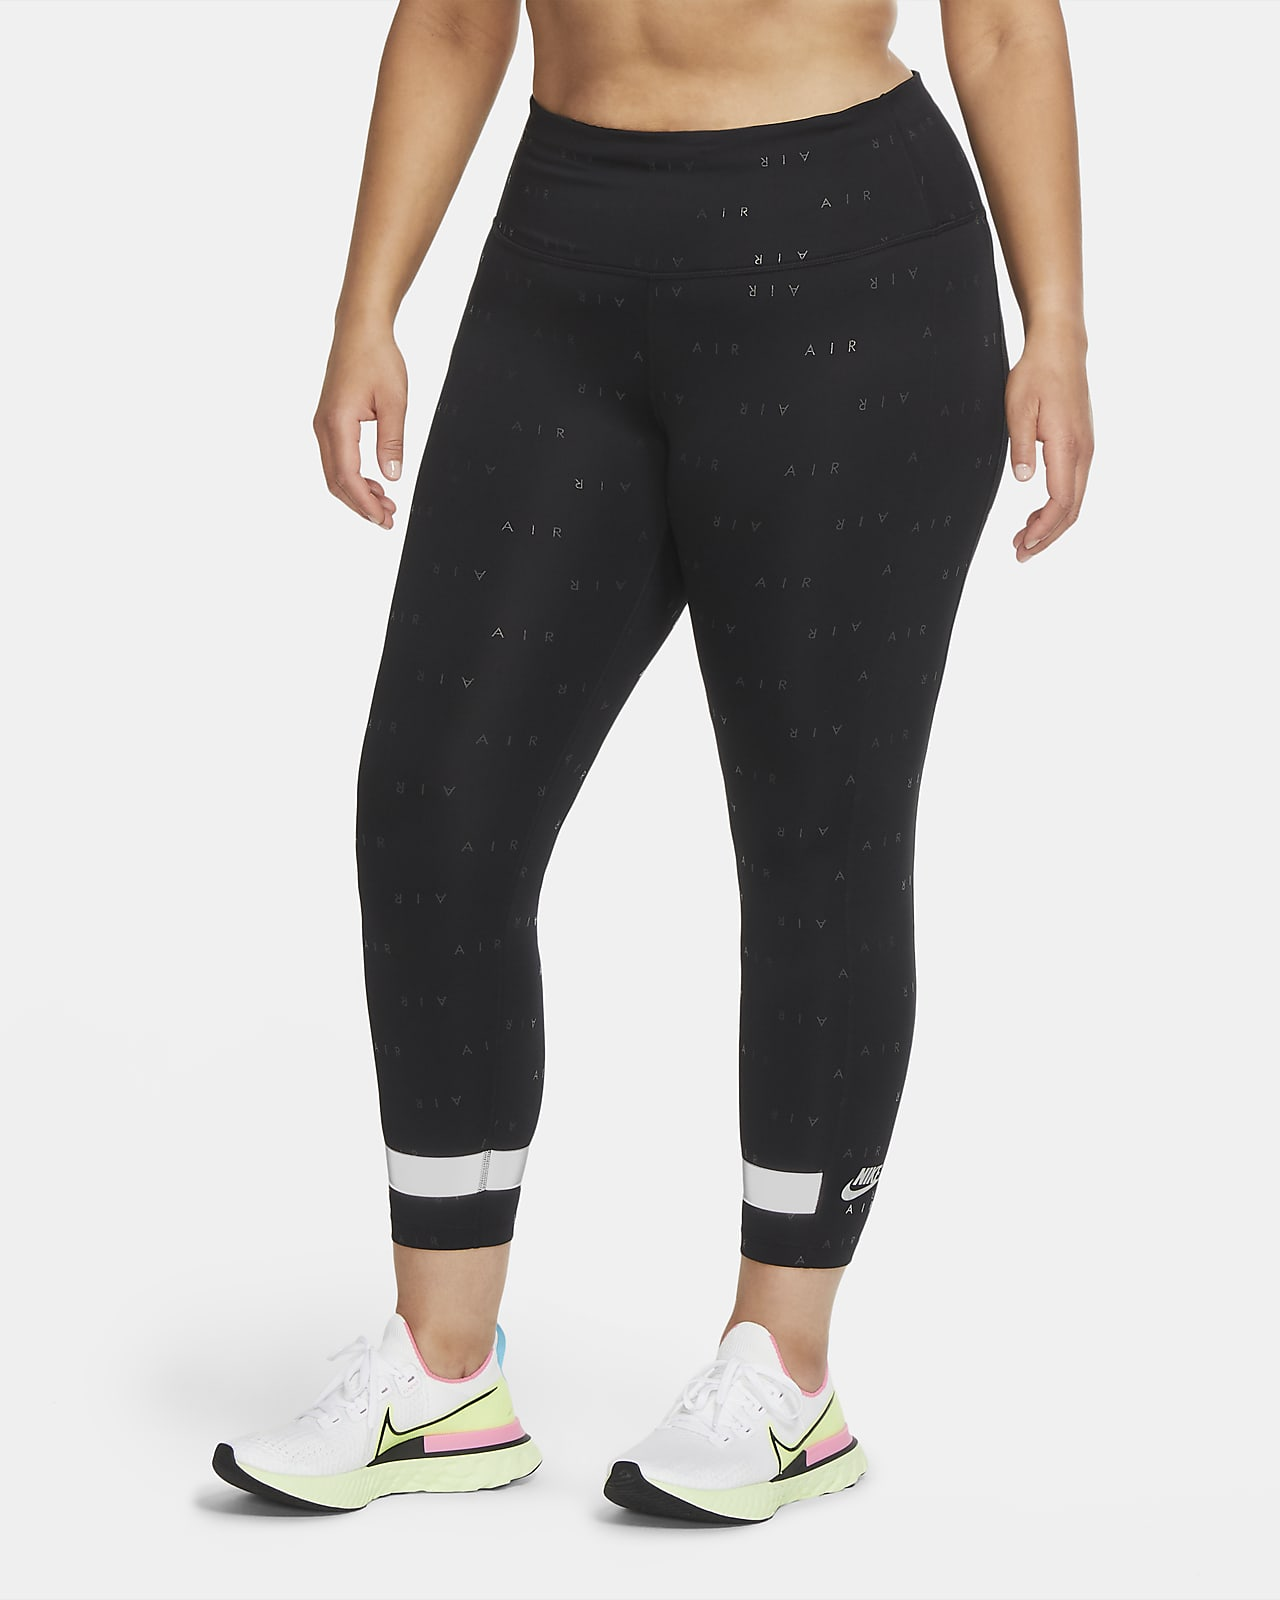 Nike Air Yüksek Belli 7/8 Kadın Koşu Taytı (Büyük Beden)